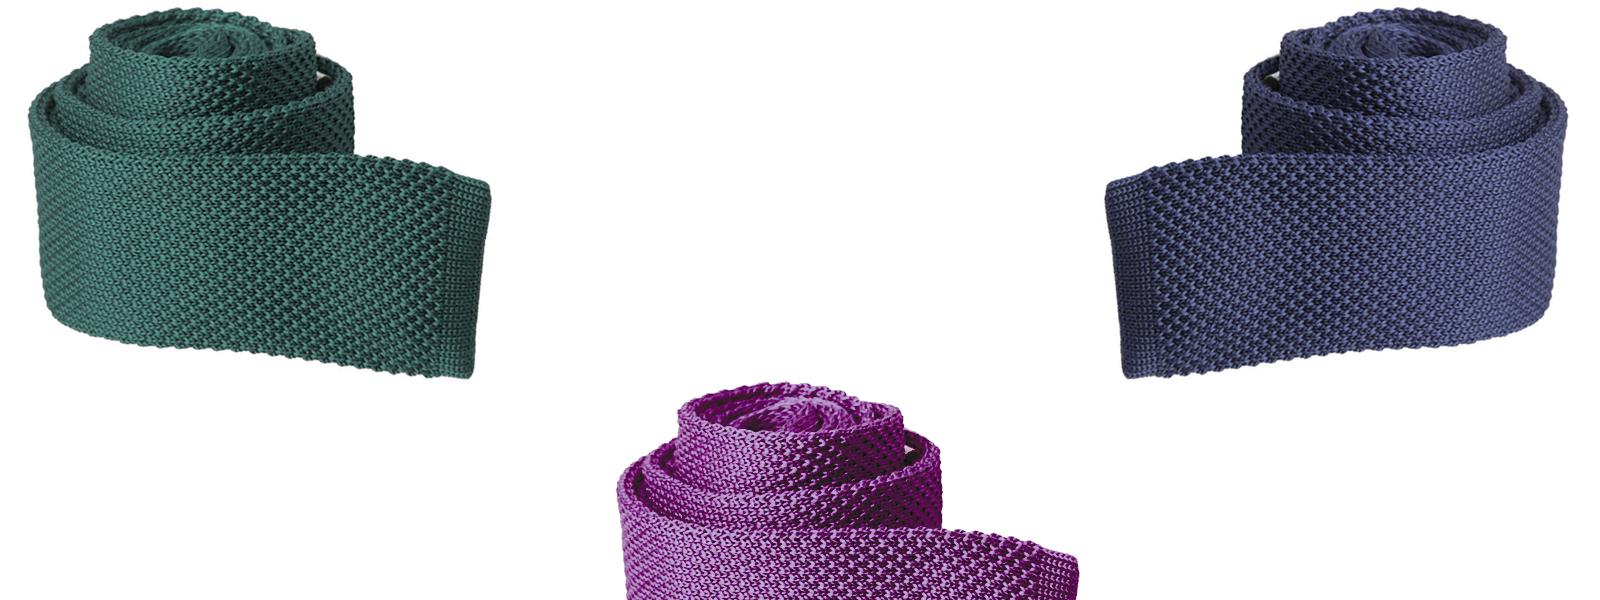 Cravatte personalizzate promozionali in seta